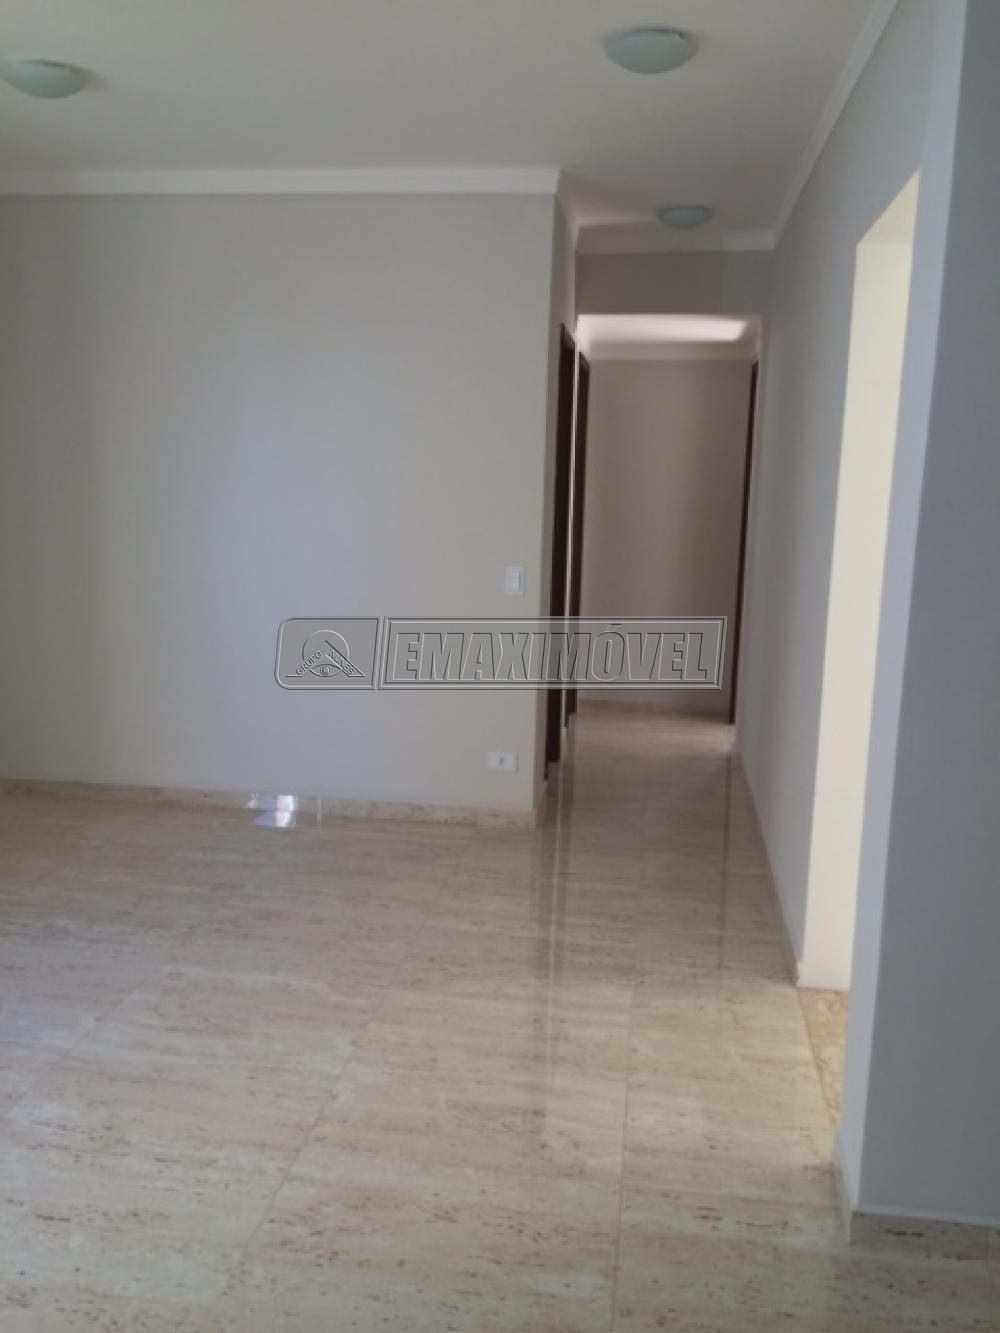 Alugar Apartamentos / Apto Padrão em Votorantim apenas R$ 850,00 - Foto 3